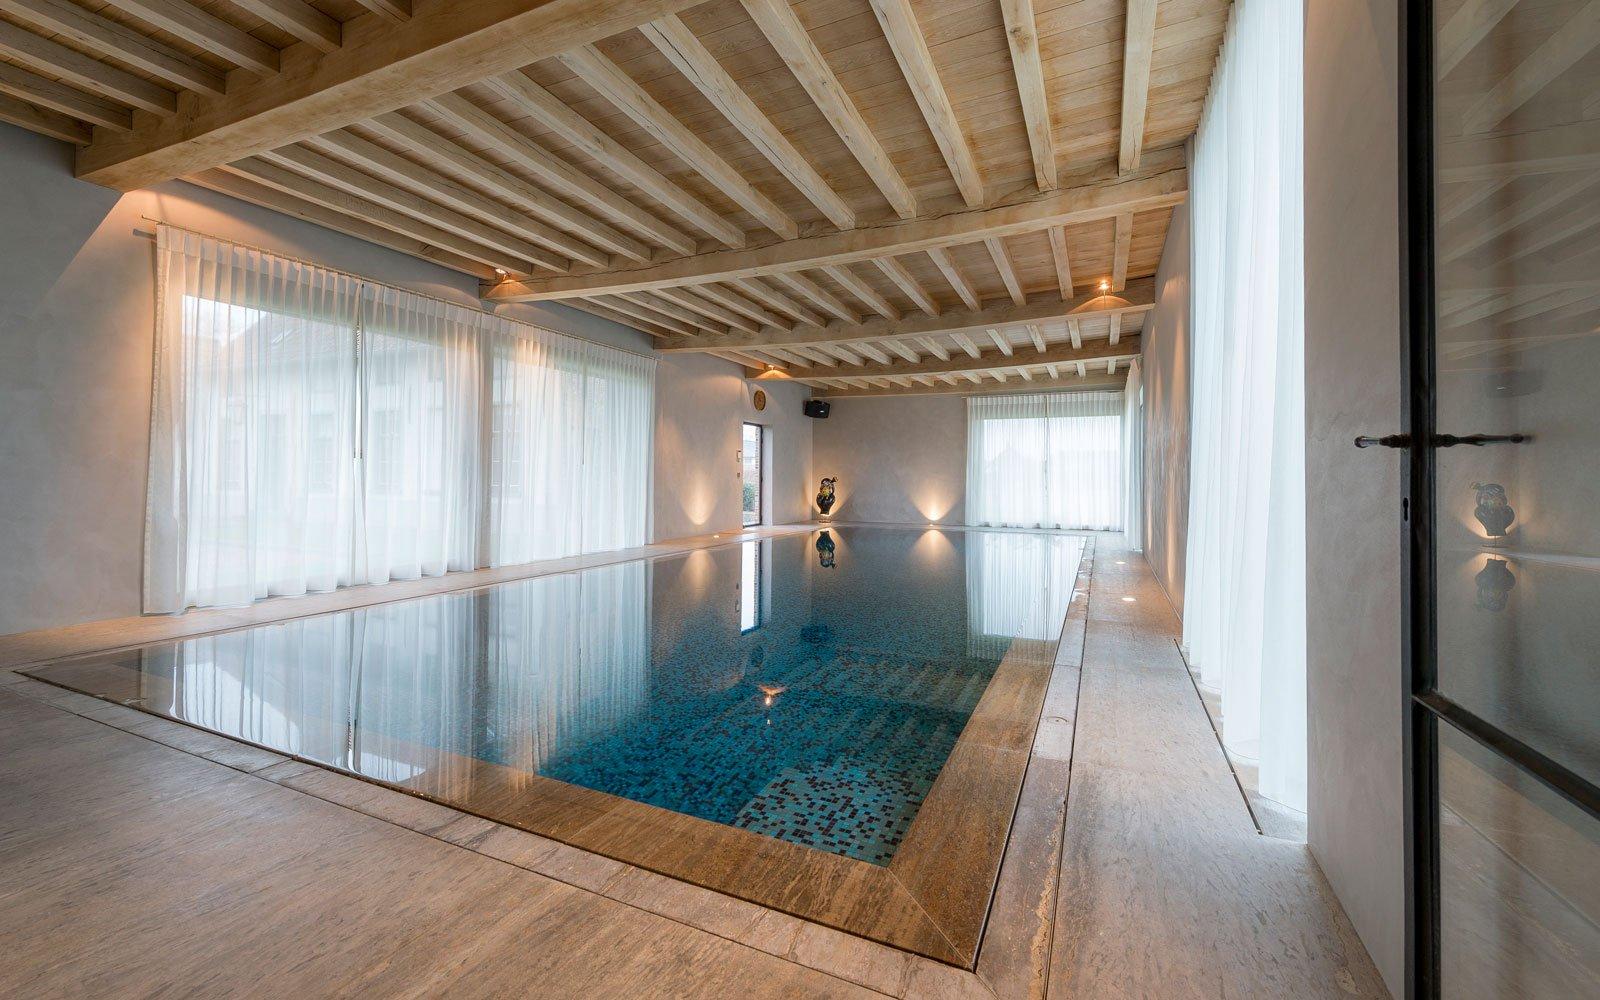 Binnenzwembad, Zwembad, Otec Pools, Spa, Wellness, Herenhoeve, Bernard de Clerck